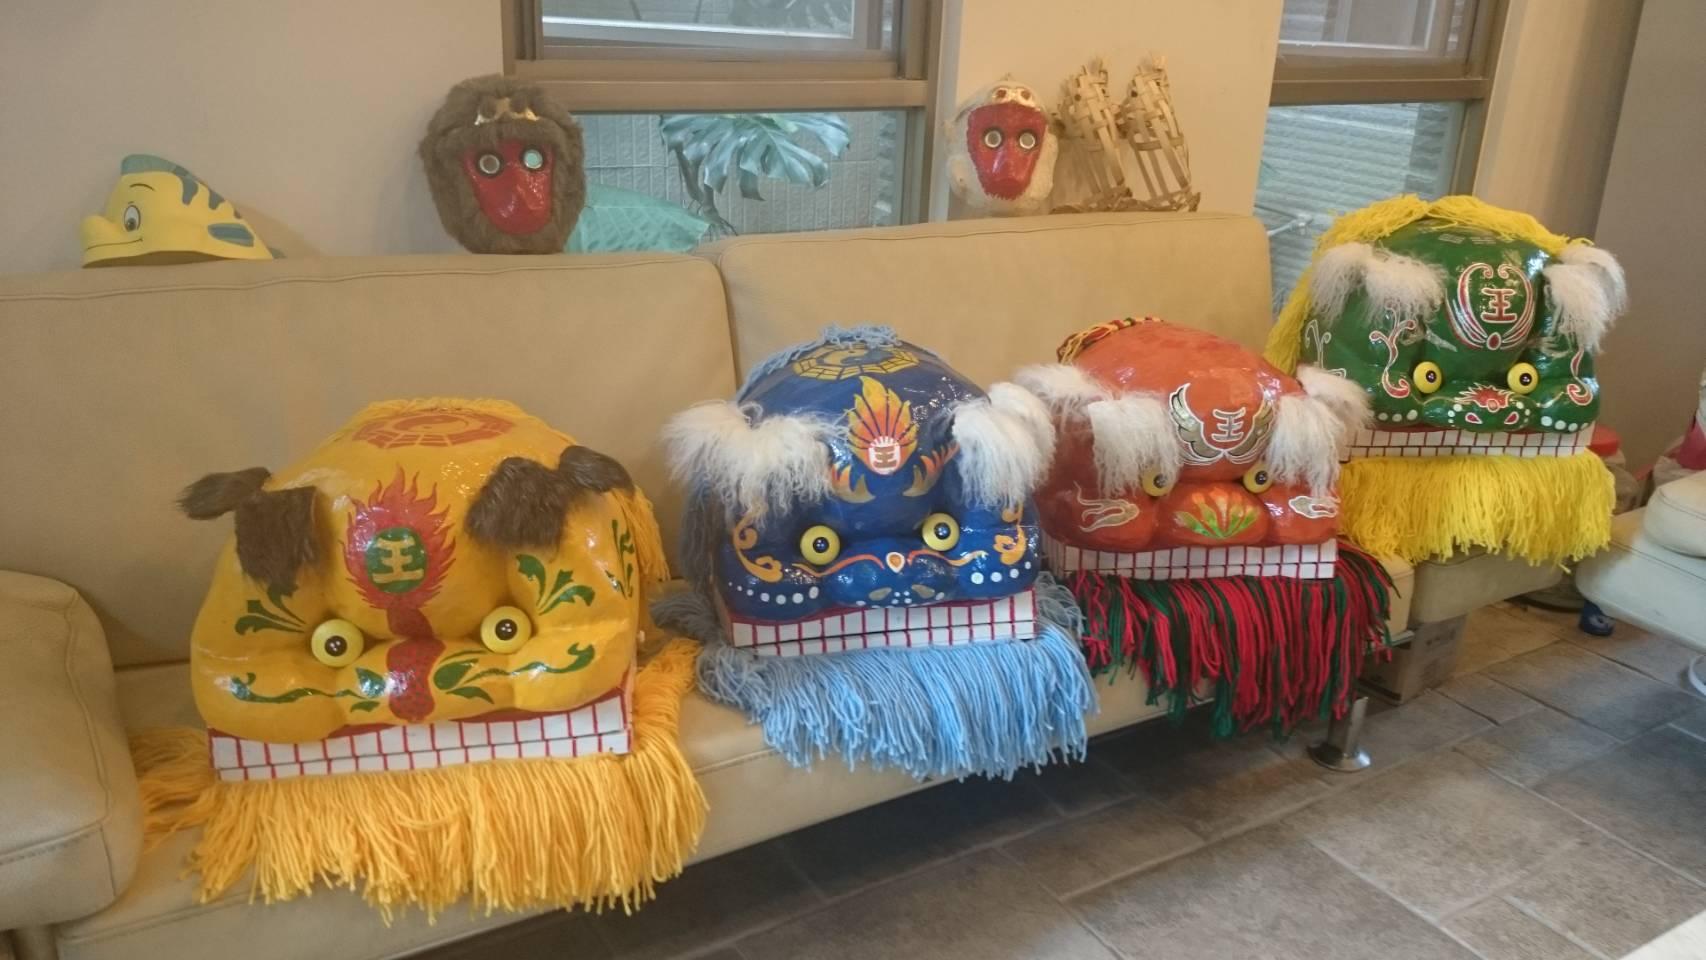 藝閣工坊創新獅頭,增加客家獅顏色吸引目光